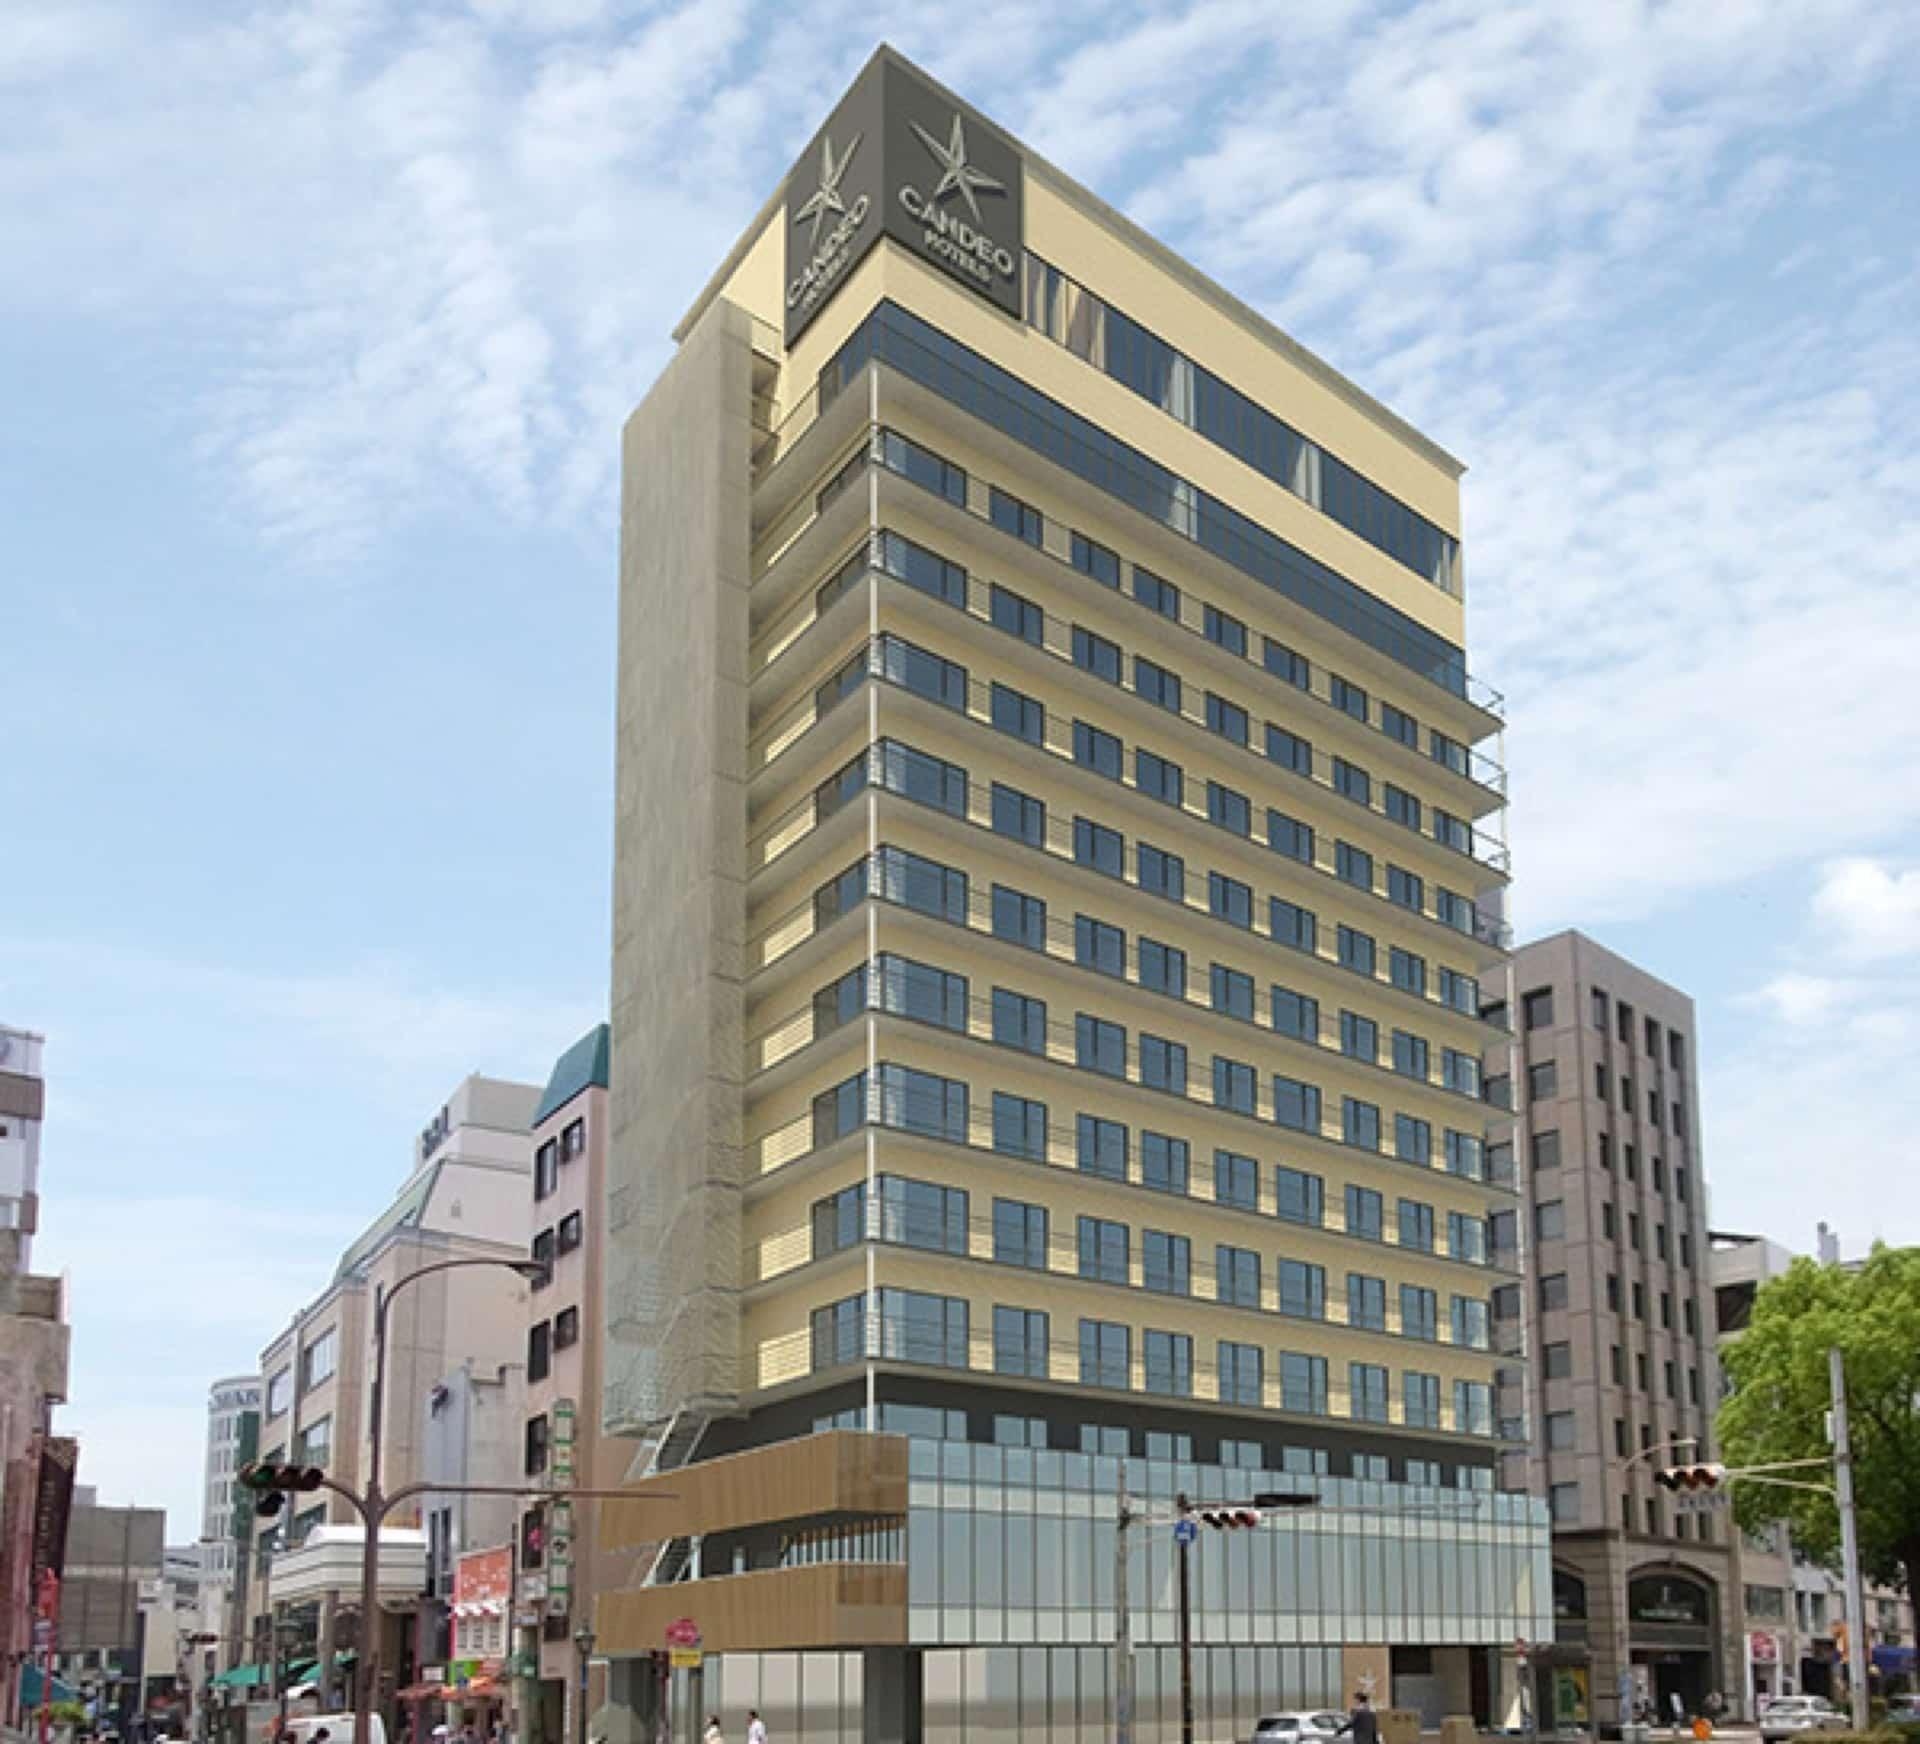 2018年4月「カンデオホテルズ神戸トアロード」オープン!三宮・元町の真ん中でアクセス抜群の立地